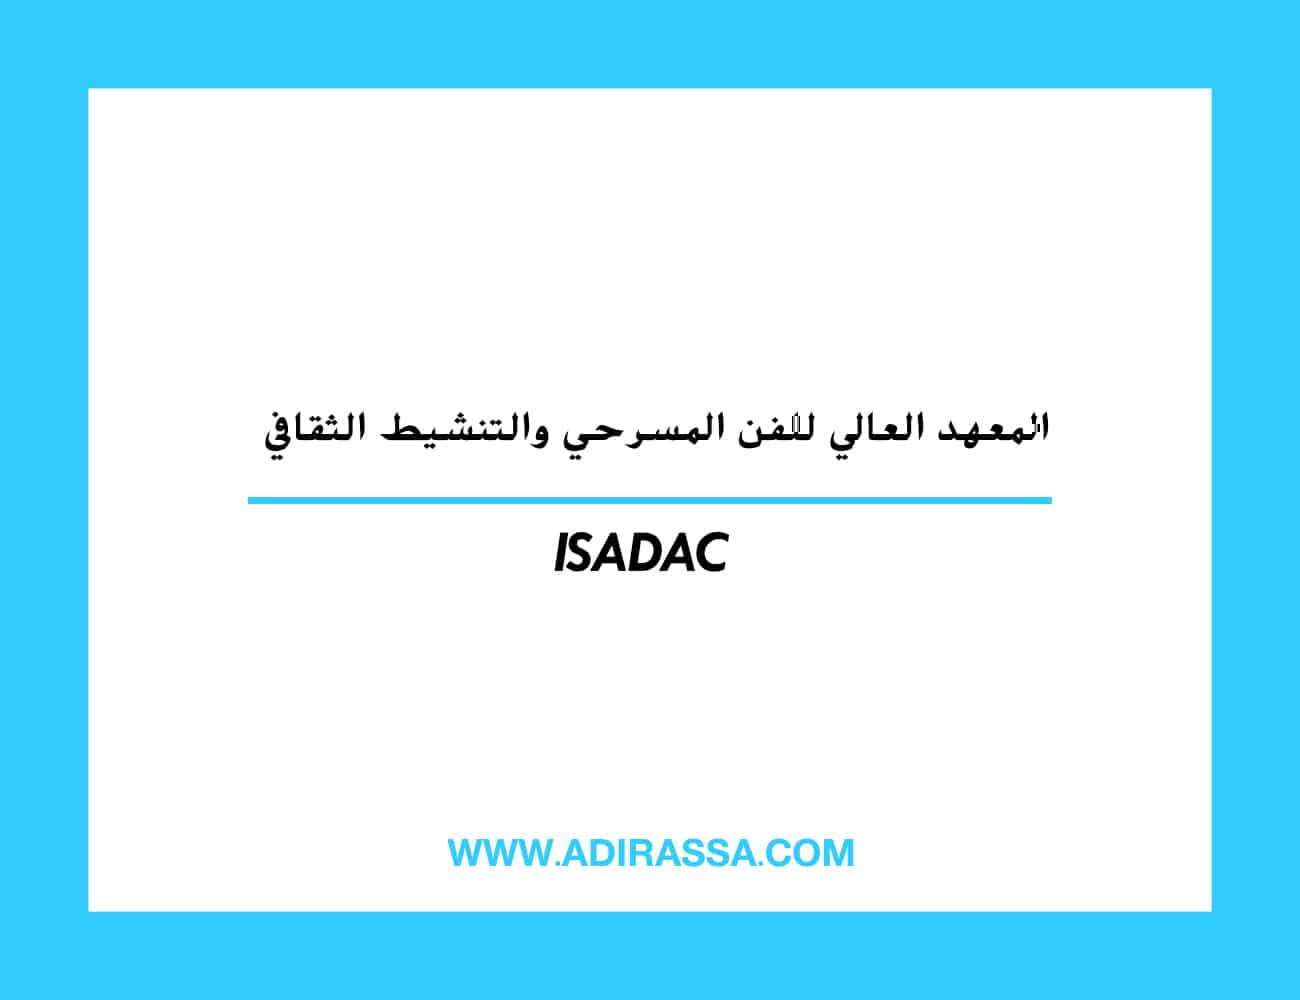 المعهد العالي للفن المسرحي والتنشيط الثقافي بمدينة الرباط